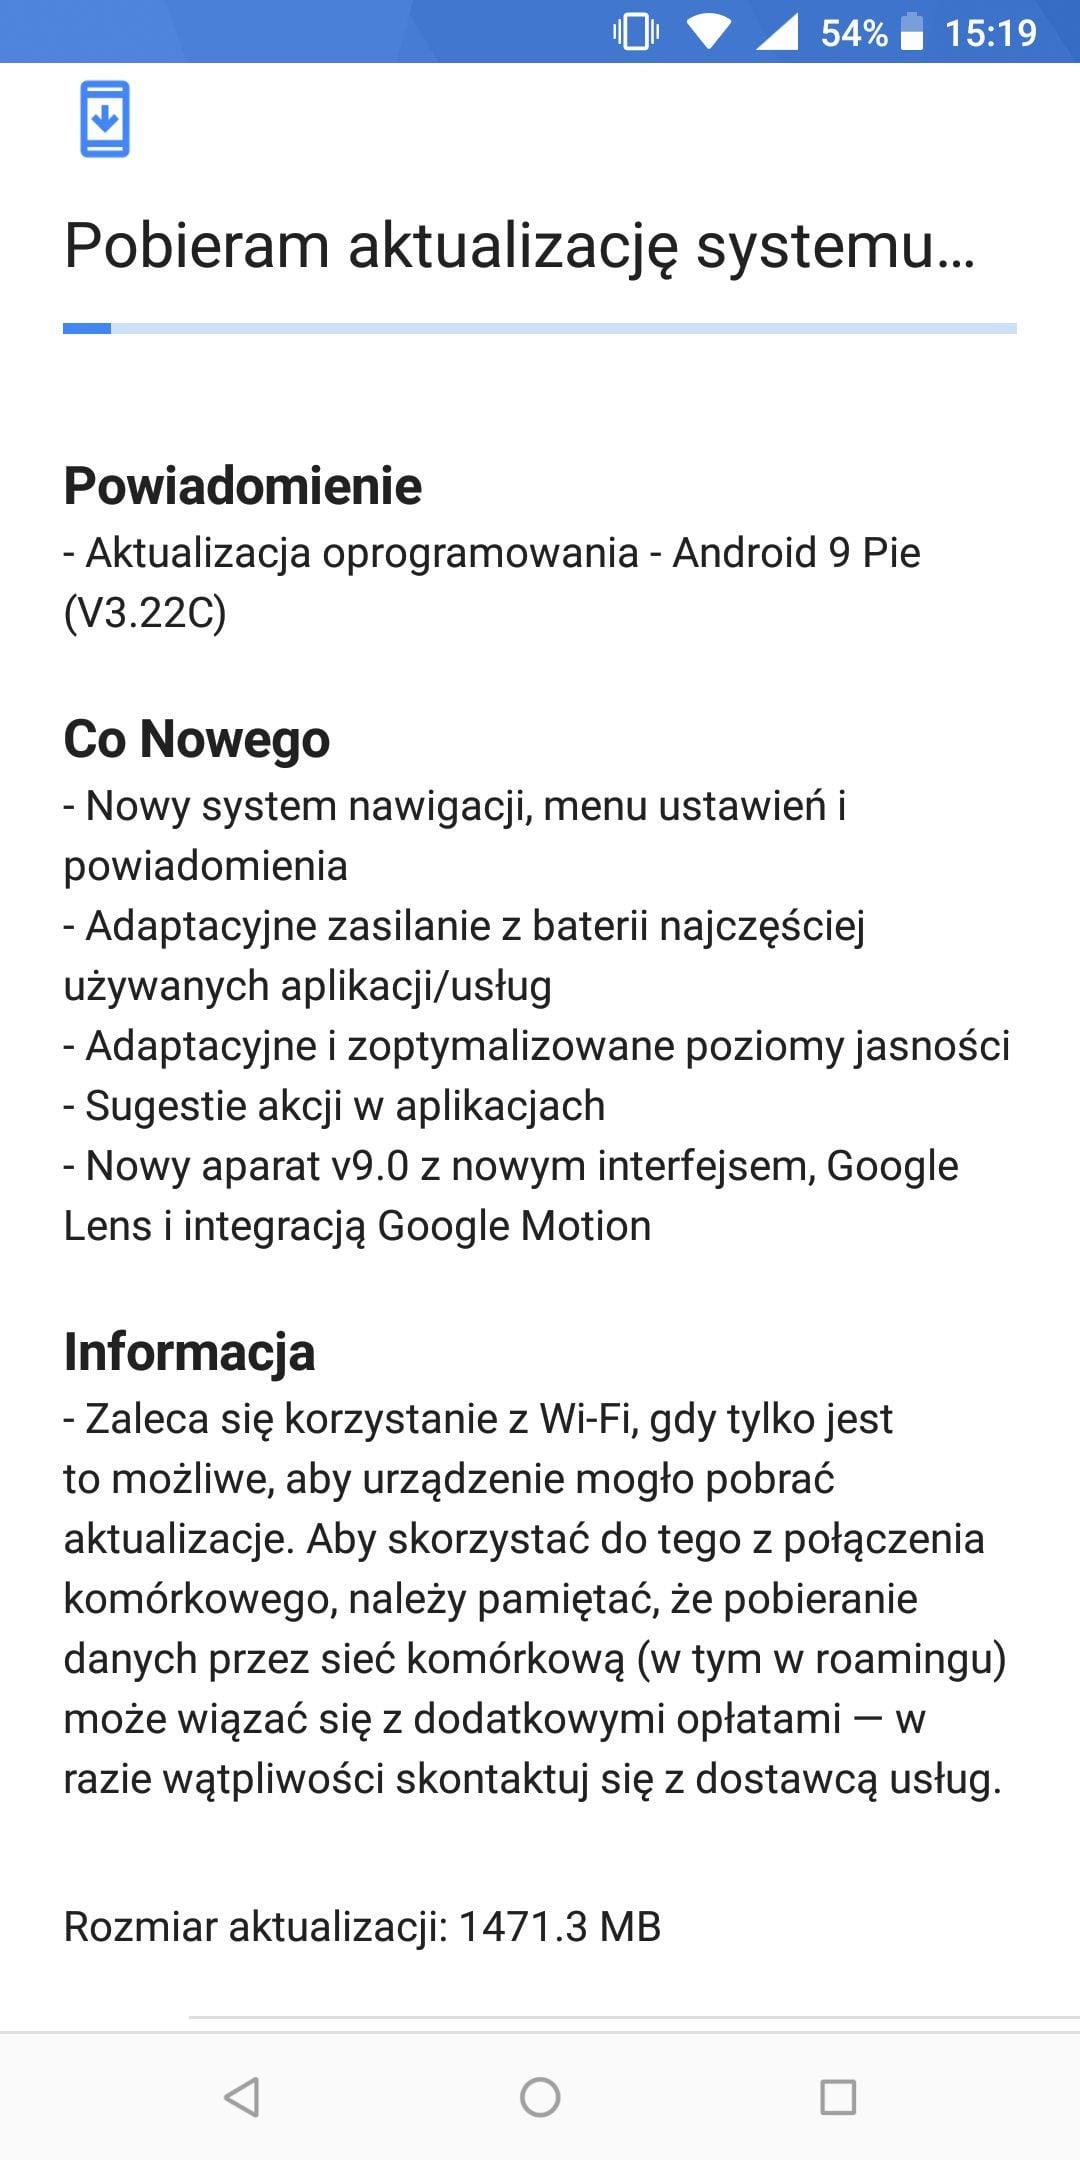 Tabletowo.pl Aktualizacja do Androida 9.0 Pie już dostępna dla użytkowników Nokii 7 Plus w Polsce Aktualizacje Android Nokia Smartfony